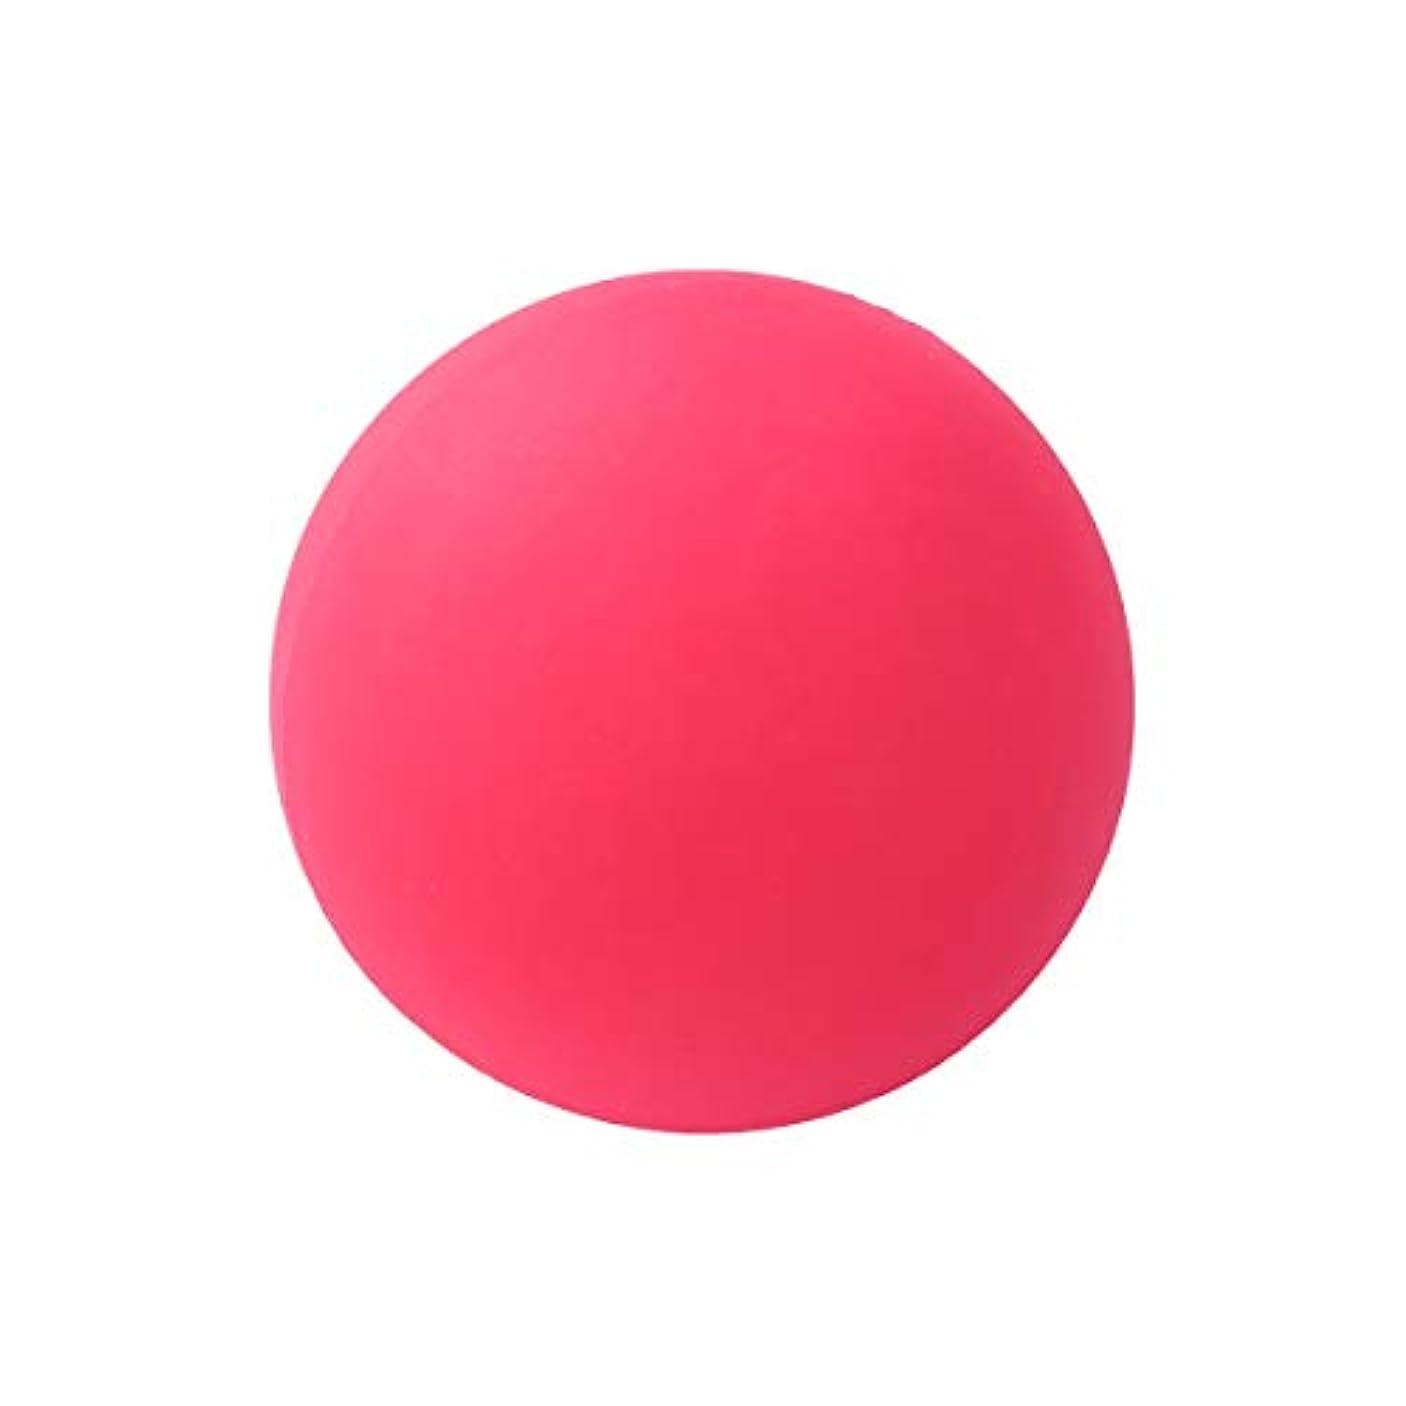 きしむ舌な範囲VORCOOL マッサージボール ヨガ ストレッチボール トリガーポイント 筋膜リリース トレーニング 背中 肩こり 腰 ふくらはぎ 足裏 ツボ押しグッズ 物理 マッサージ 療法ボール